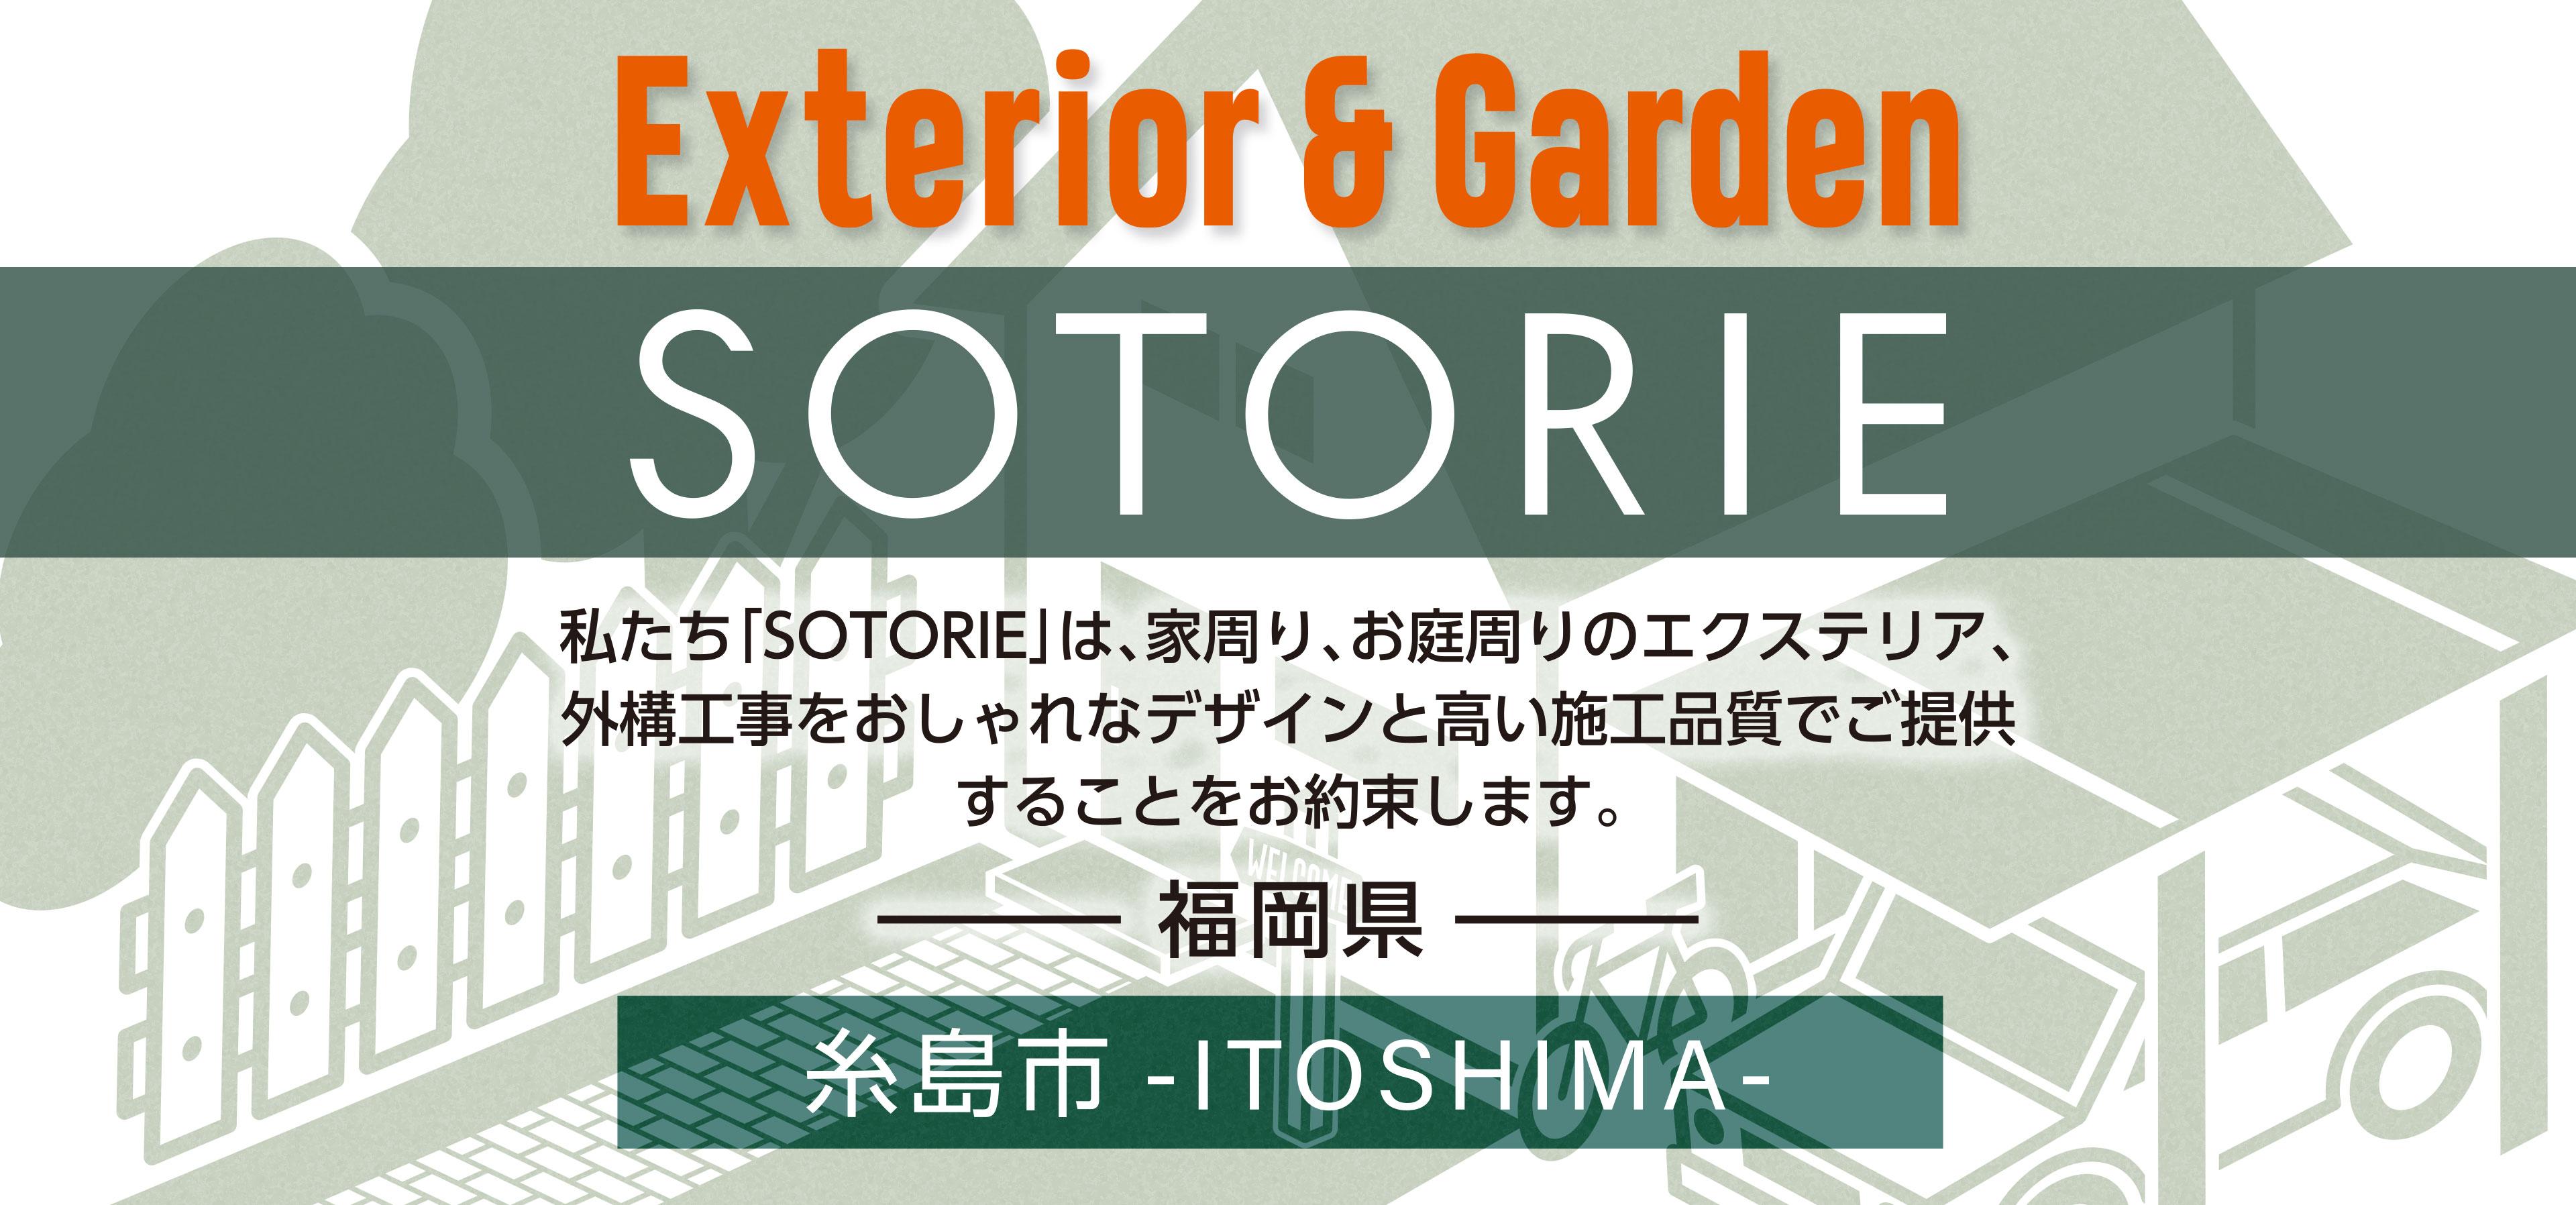 ソトリエ糸島市では、家周りと庭周りの外構、エクステリア工事をおしゃれなデザインと高い施工品質でご提供することをお約束します。